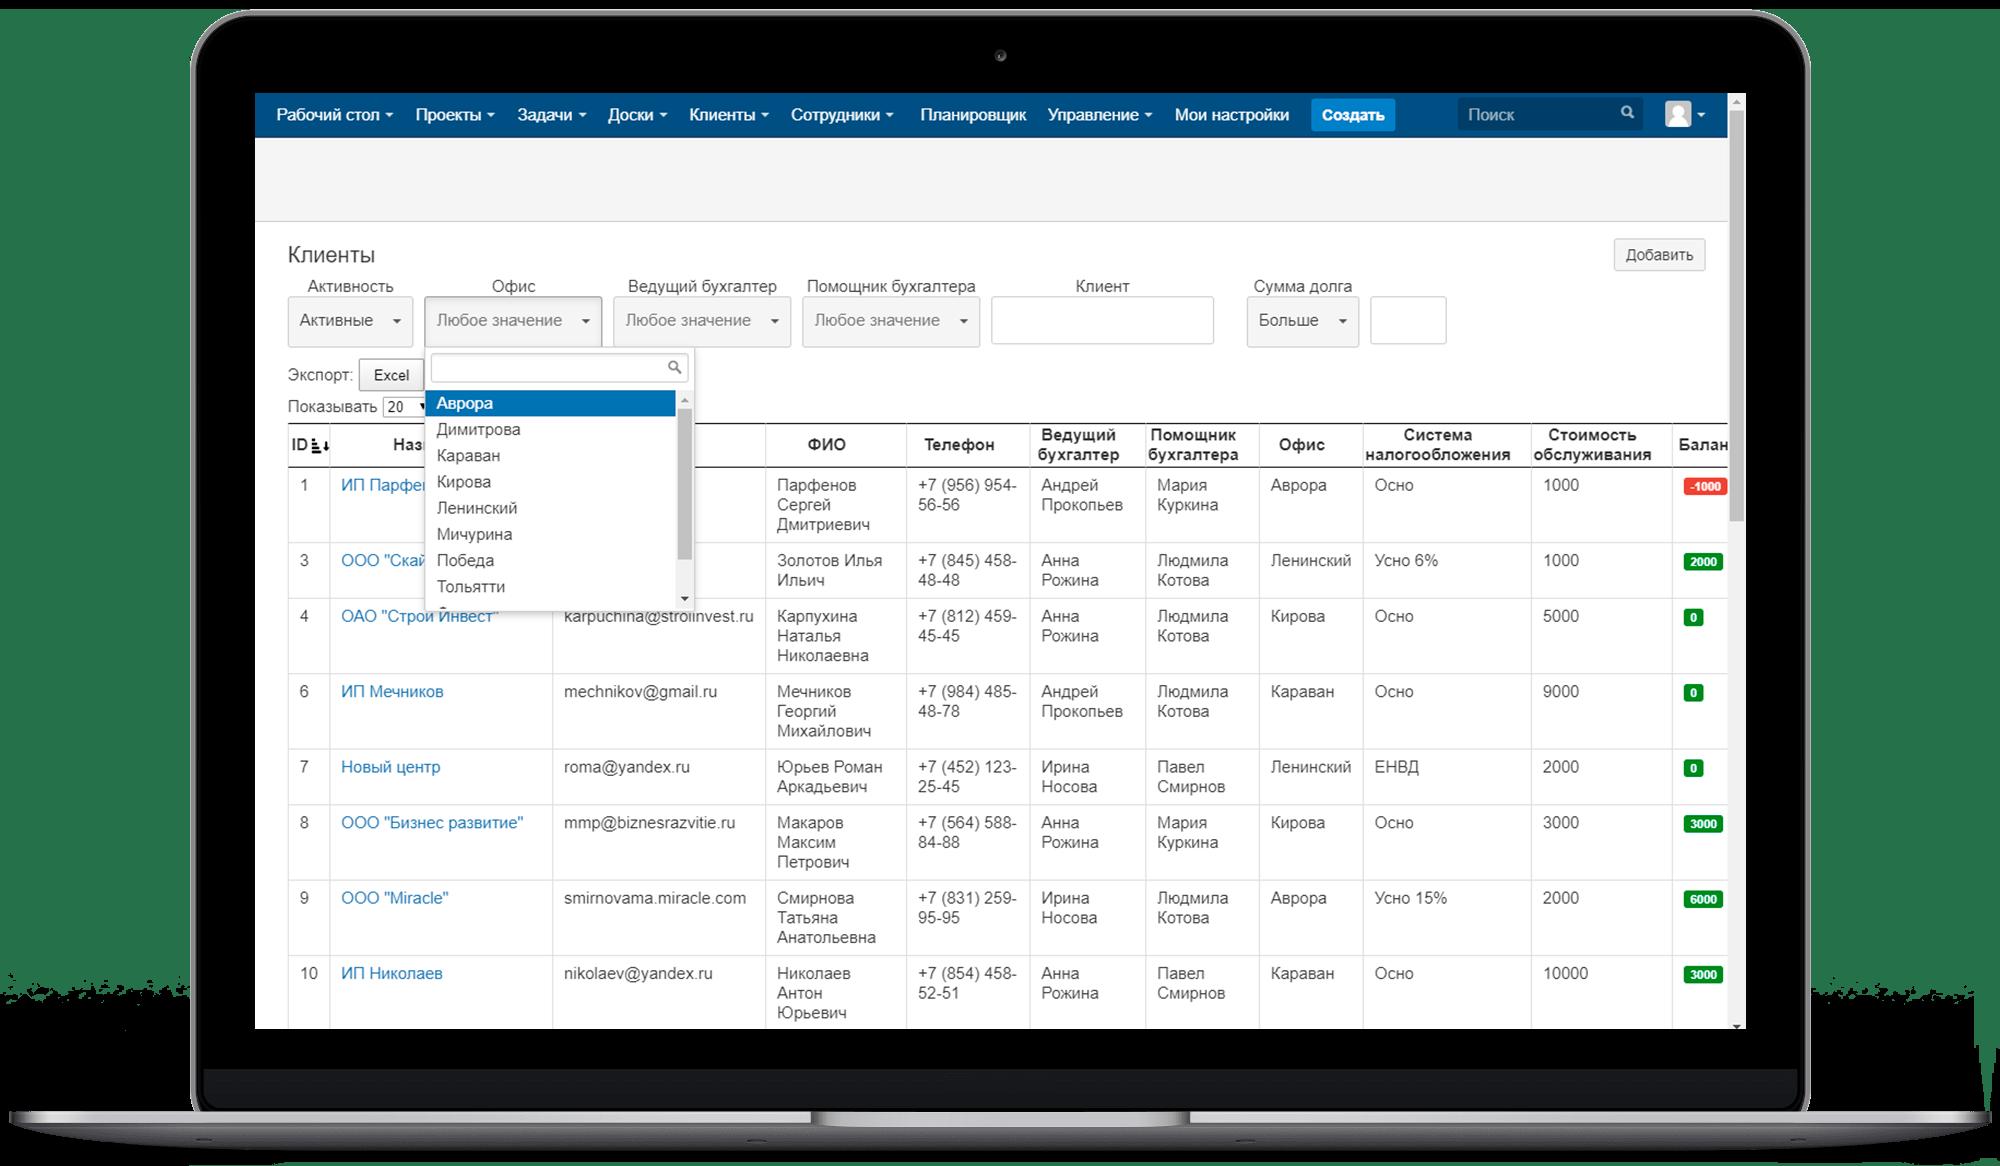 macbook Самара Список клиентов